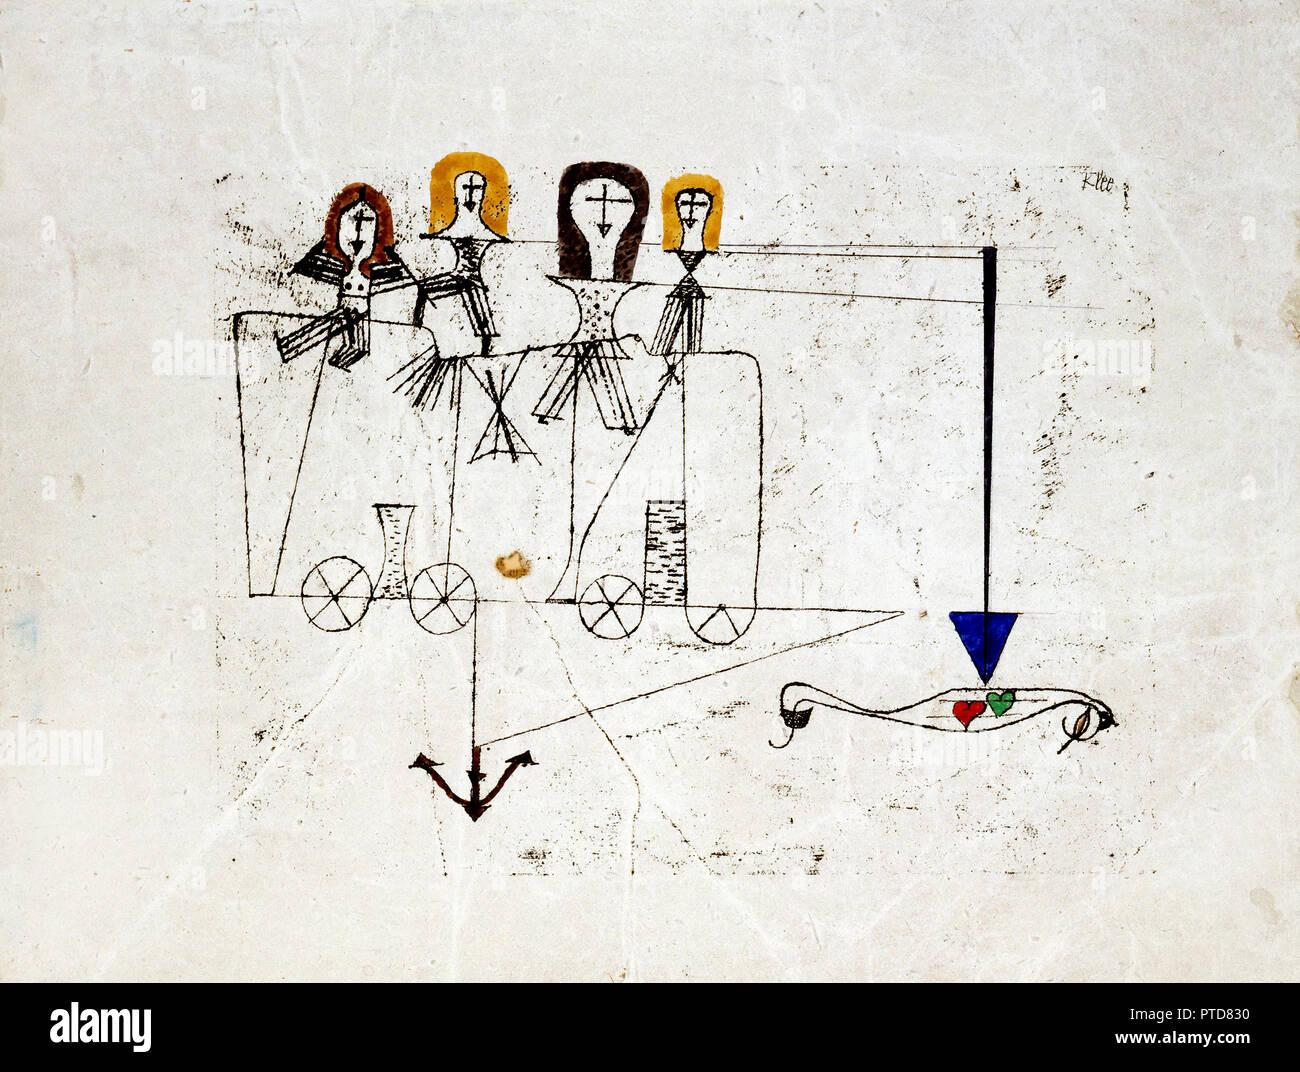 Paul Klee, la Virtud vagón a la memoria de Octubre 5, 1922, 1922 La transferencia de aceite dibujo y acuarela sobre tierra preparada sobre el papel, el Museo de Arte Nelson-Atkins de Kansas City, Missouri, Estados Unidos. Imagen De Stock